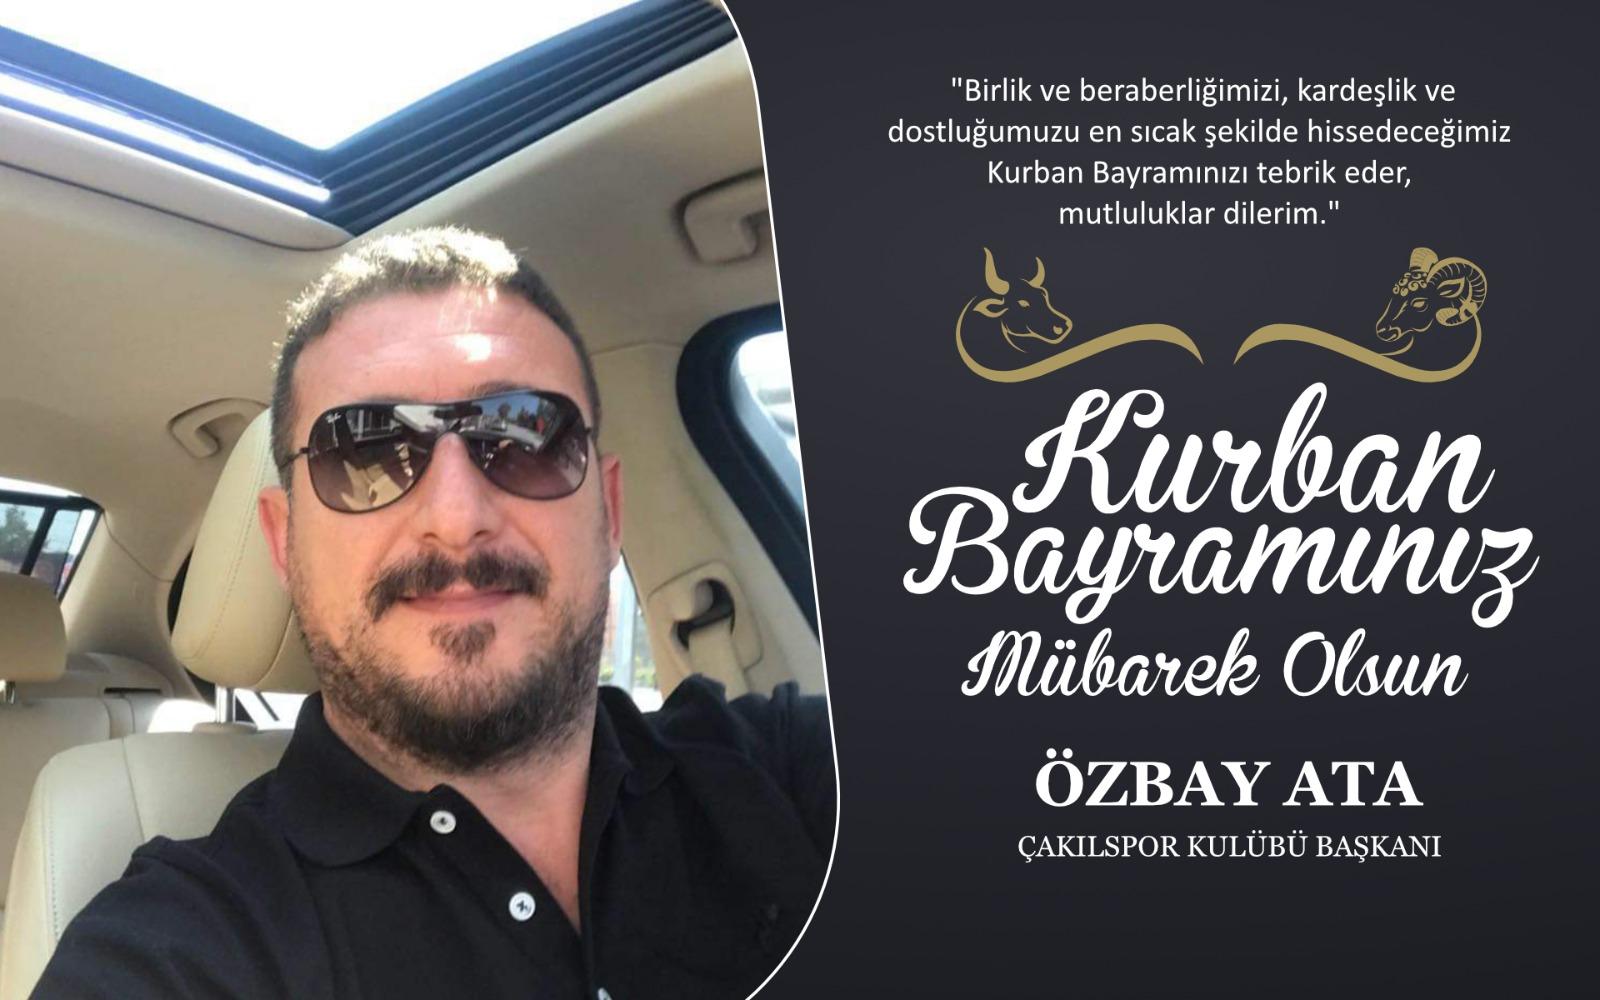 Özbay Ata'dan Kurban Bayramı Kutlama Mesajı